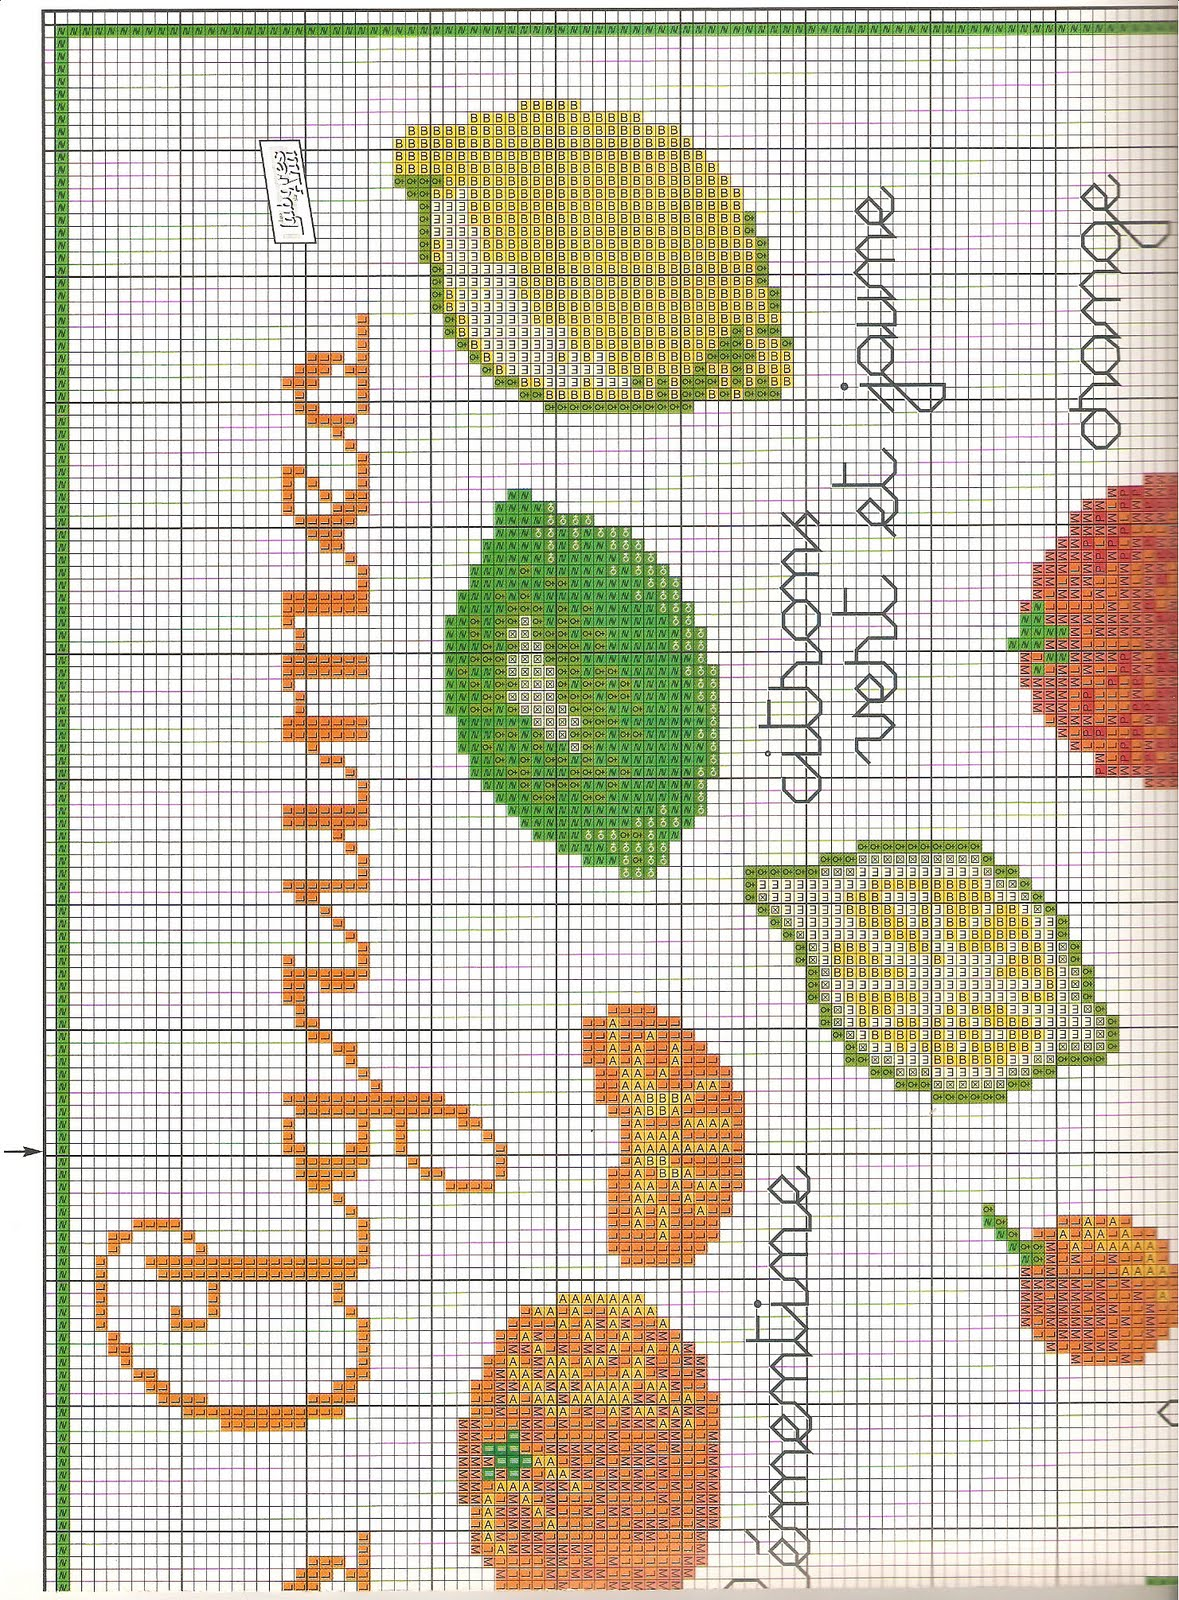 Ricamo schema punto croce la frutta in cucina 5 for Ricamo punto croce schemi gratis